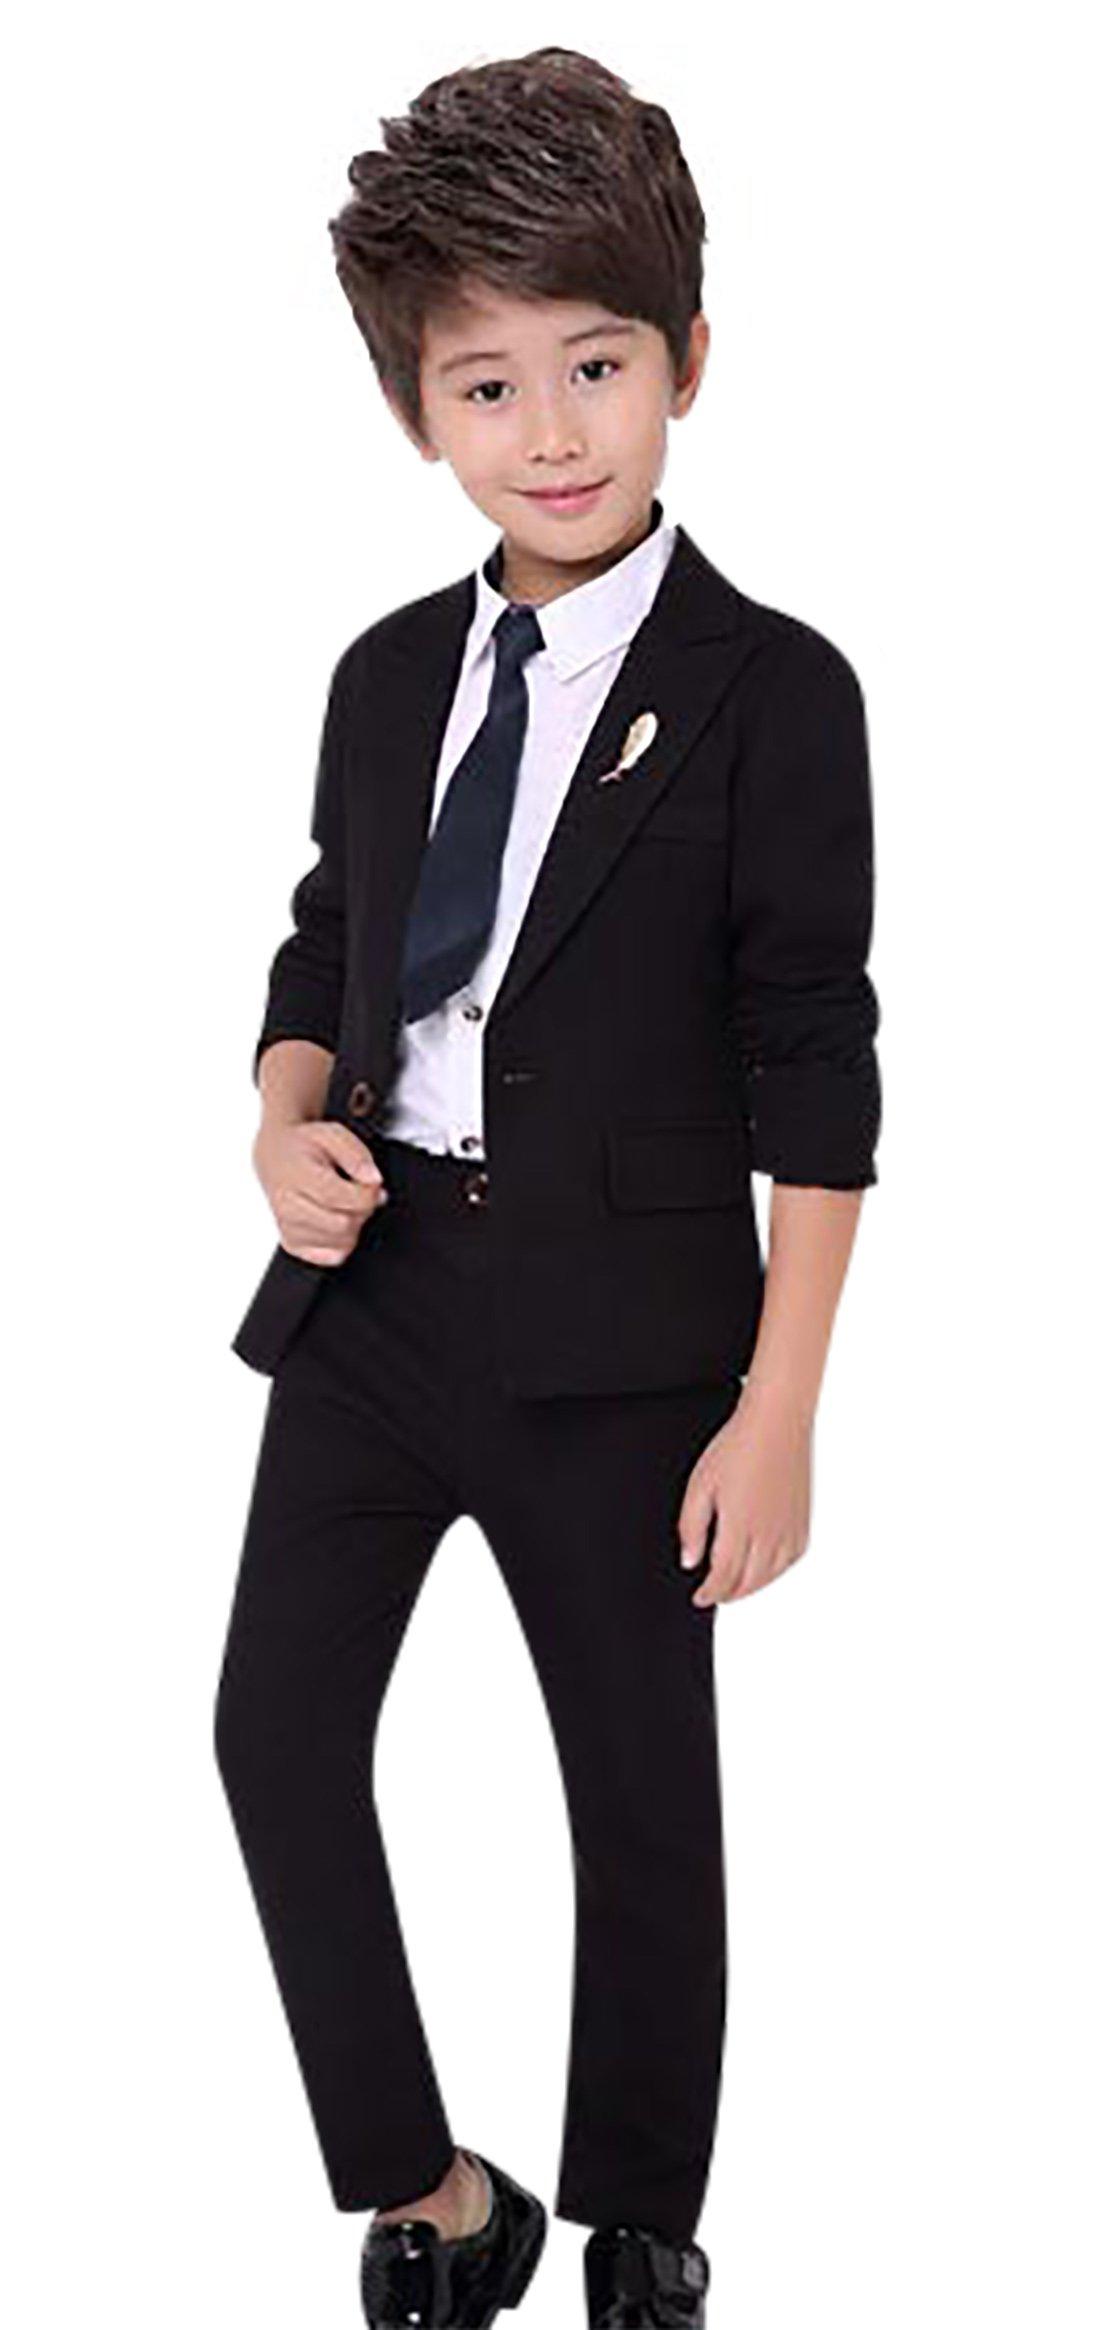 Boys Prom Suit Set 3 Pieces with Formal Blazer Pants Technical Kids Dress Tuxedo Suit Set for Wedding Black 150